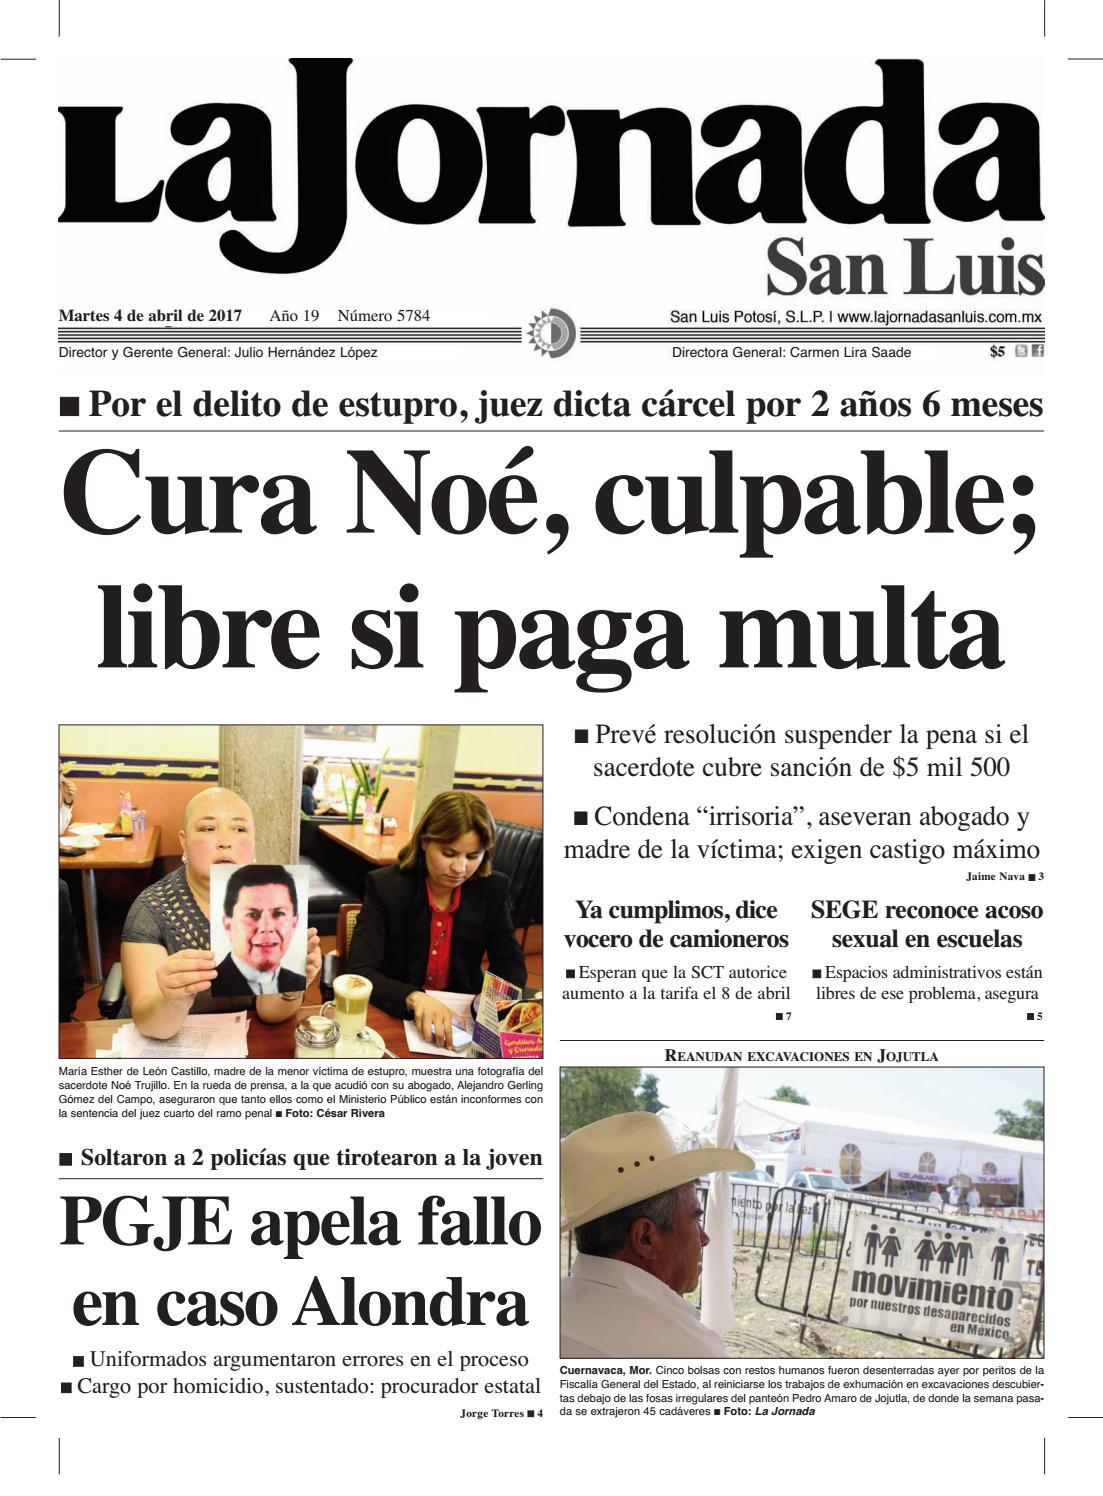 Cura Noé, culpable; libre si paga multa by La Jornada San Luis - issuu